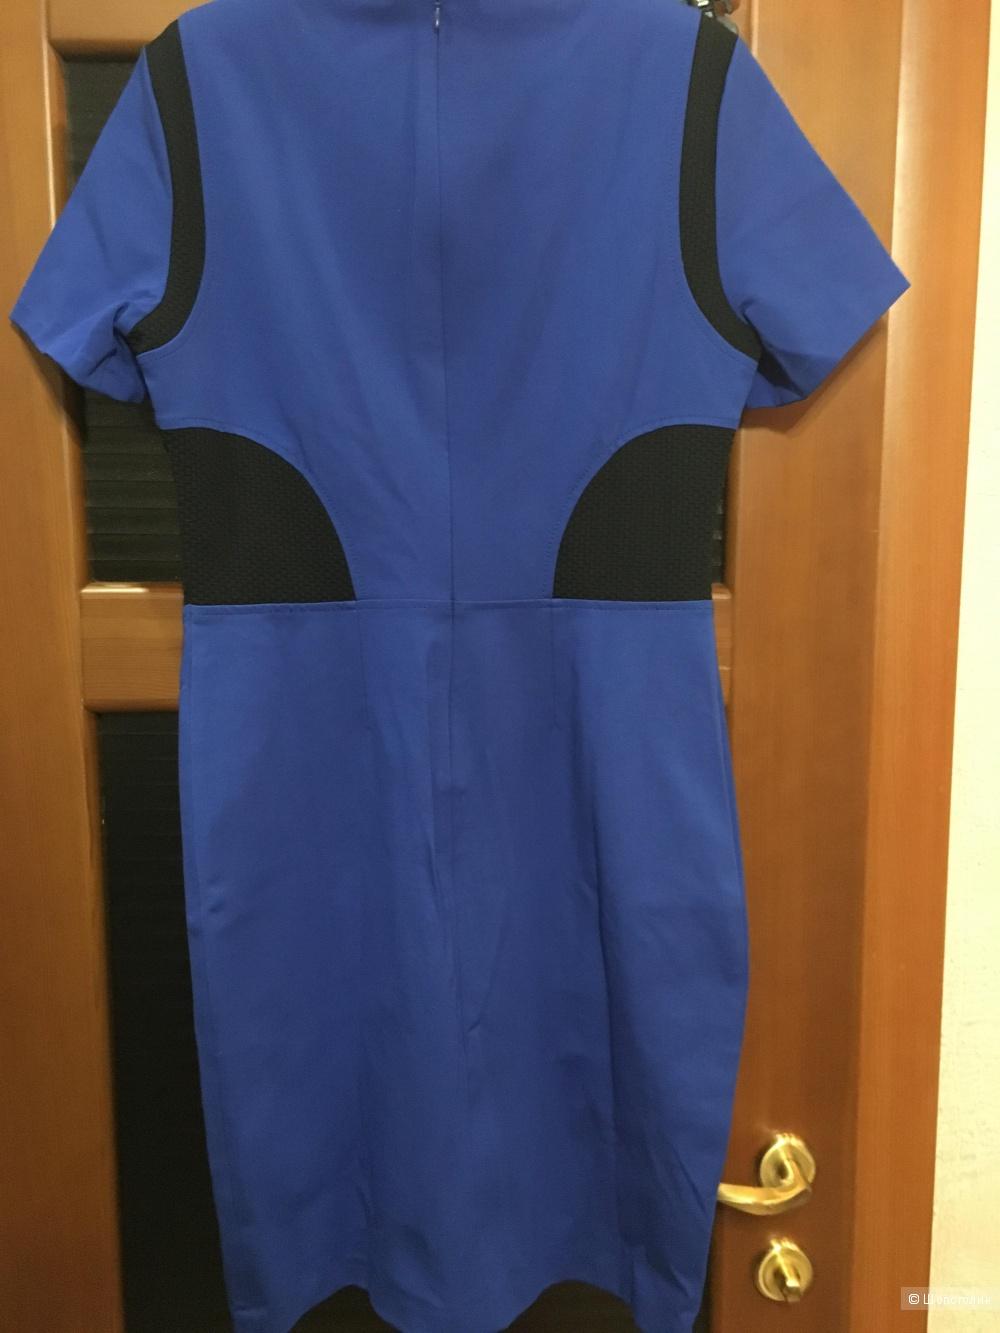 Ярко-синее платье-футляр STEFANEL, 48 (Российский размер) дизайнер:46 (IT).